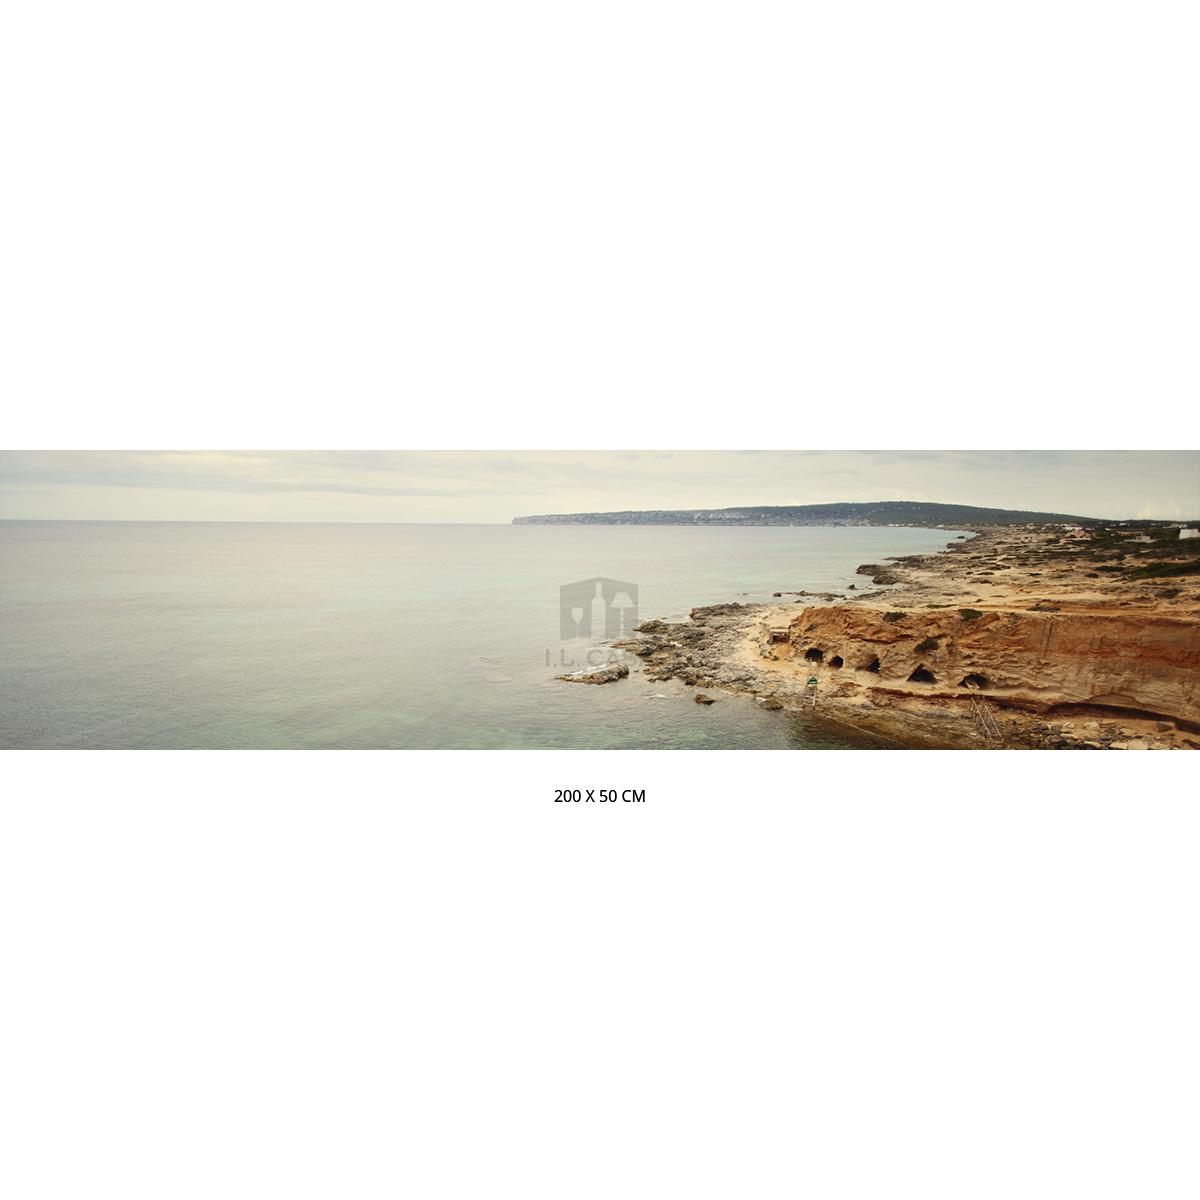 Acrylglas-Bild MEERBLICK ZWEI